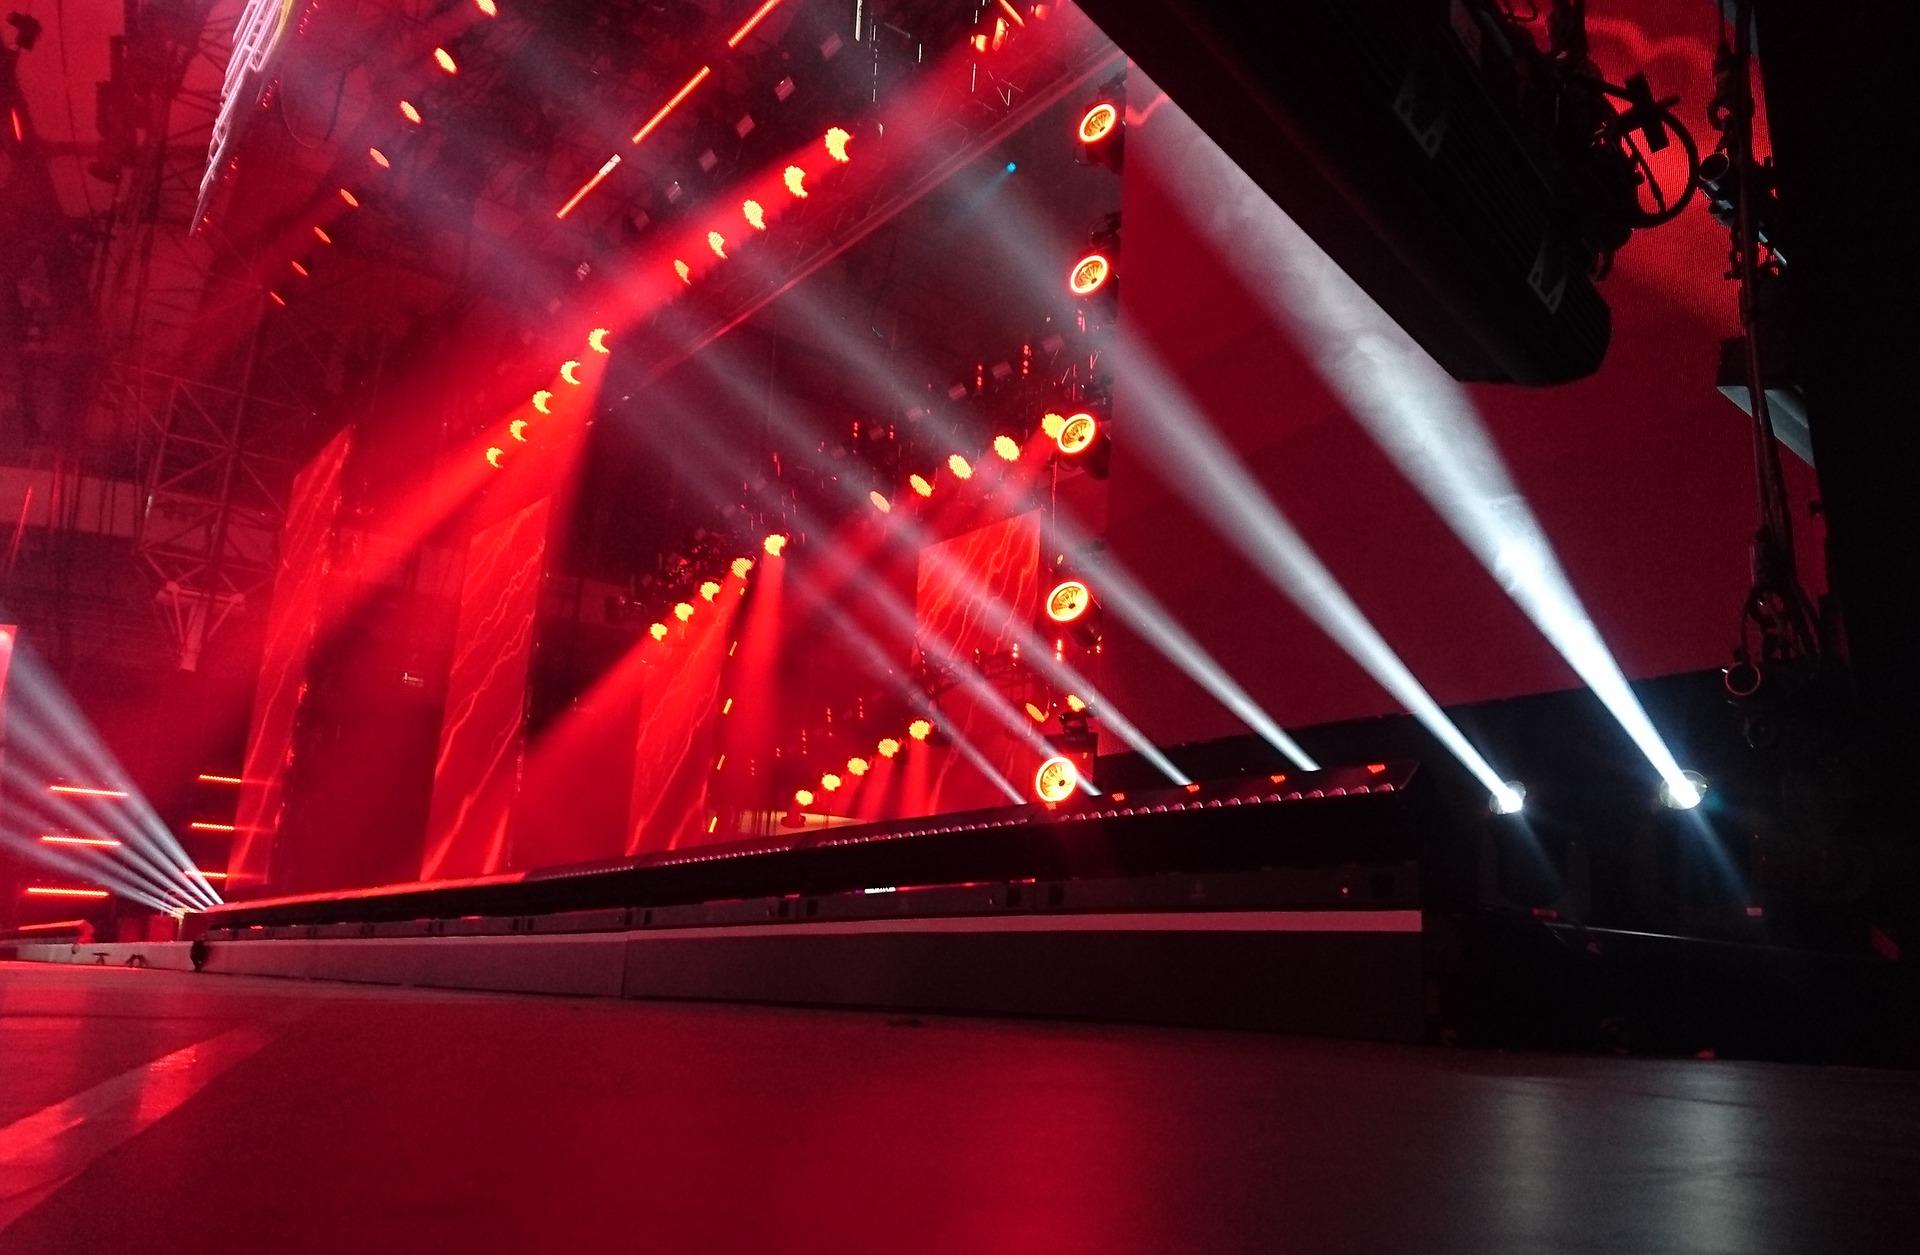 stage-2223130_1920.jpg